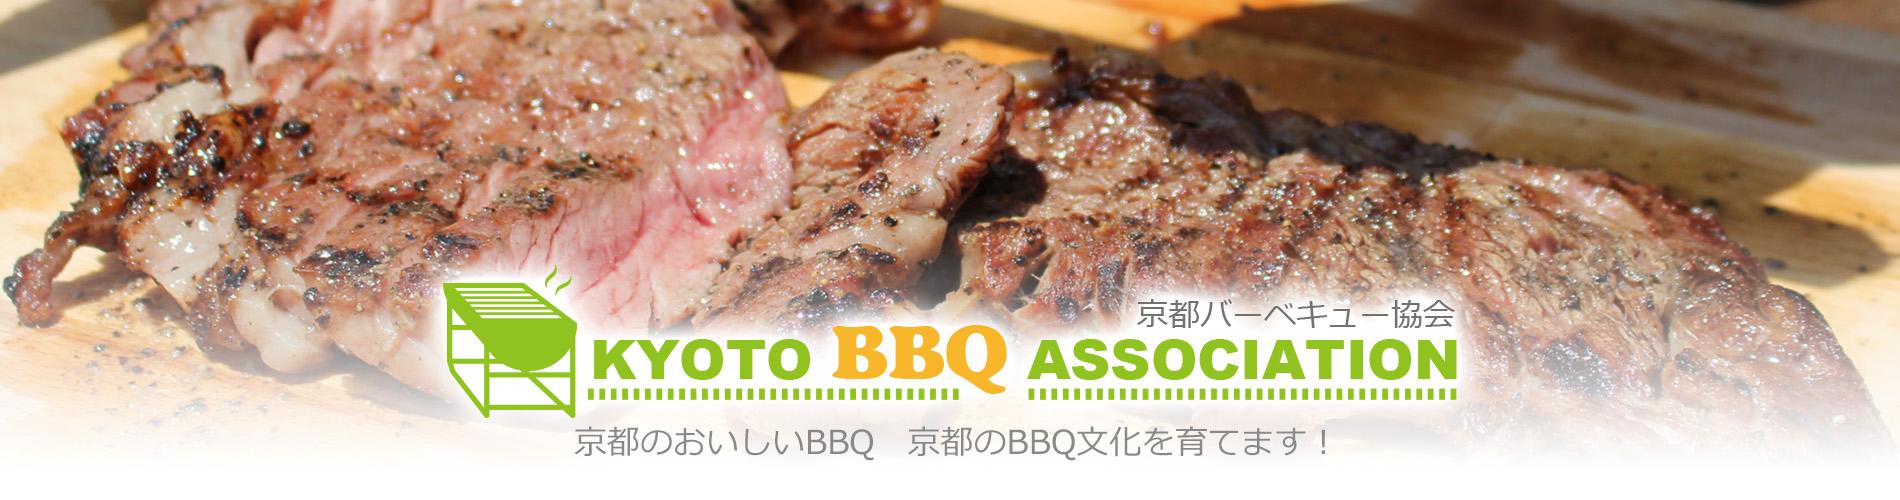 京都BBQ協会